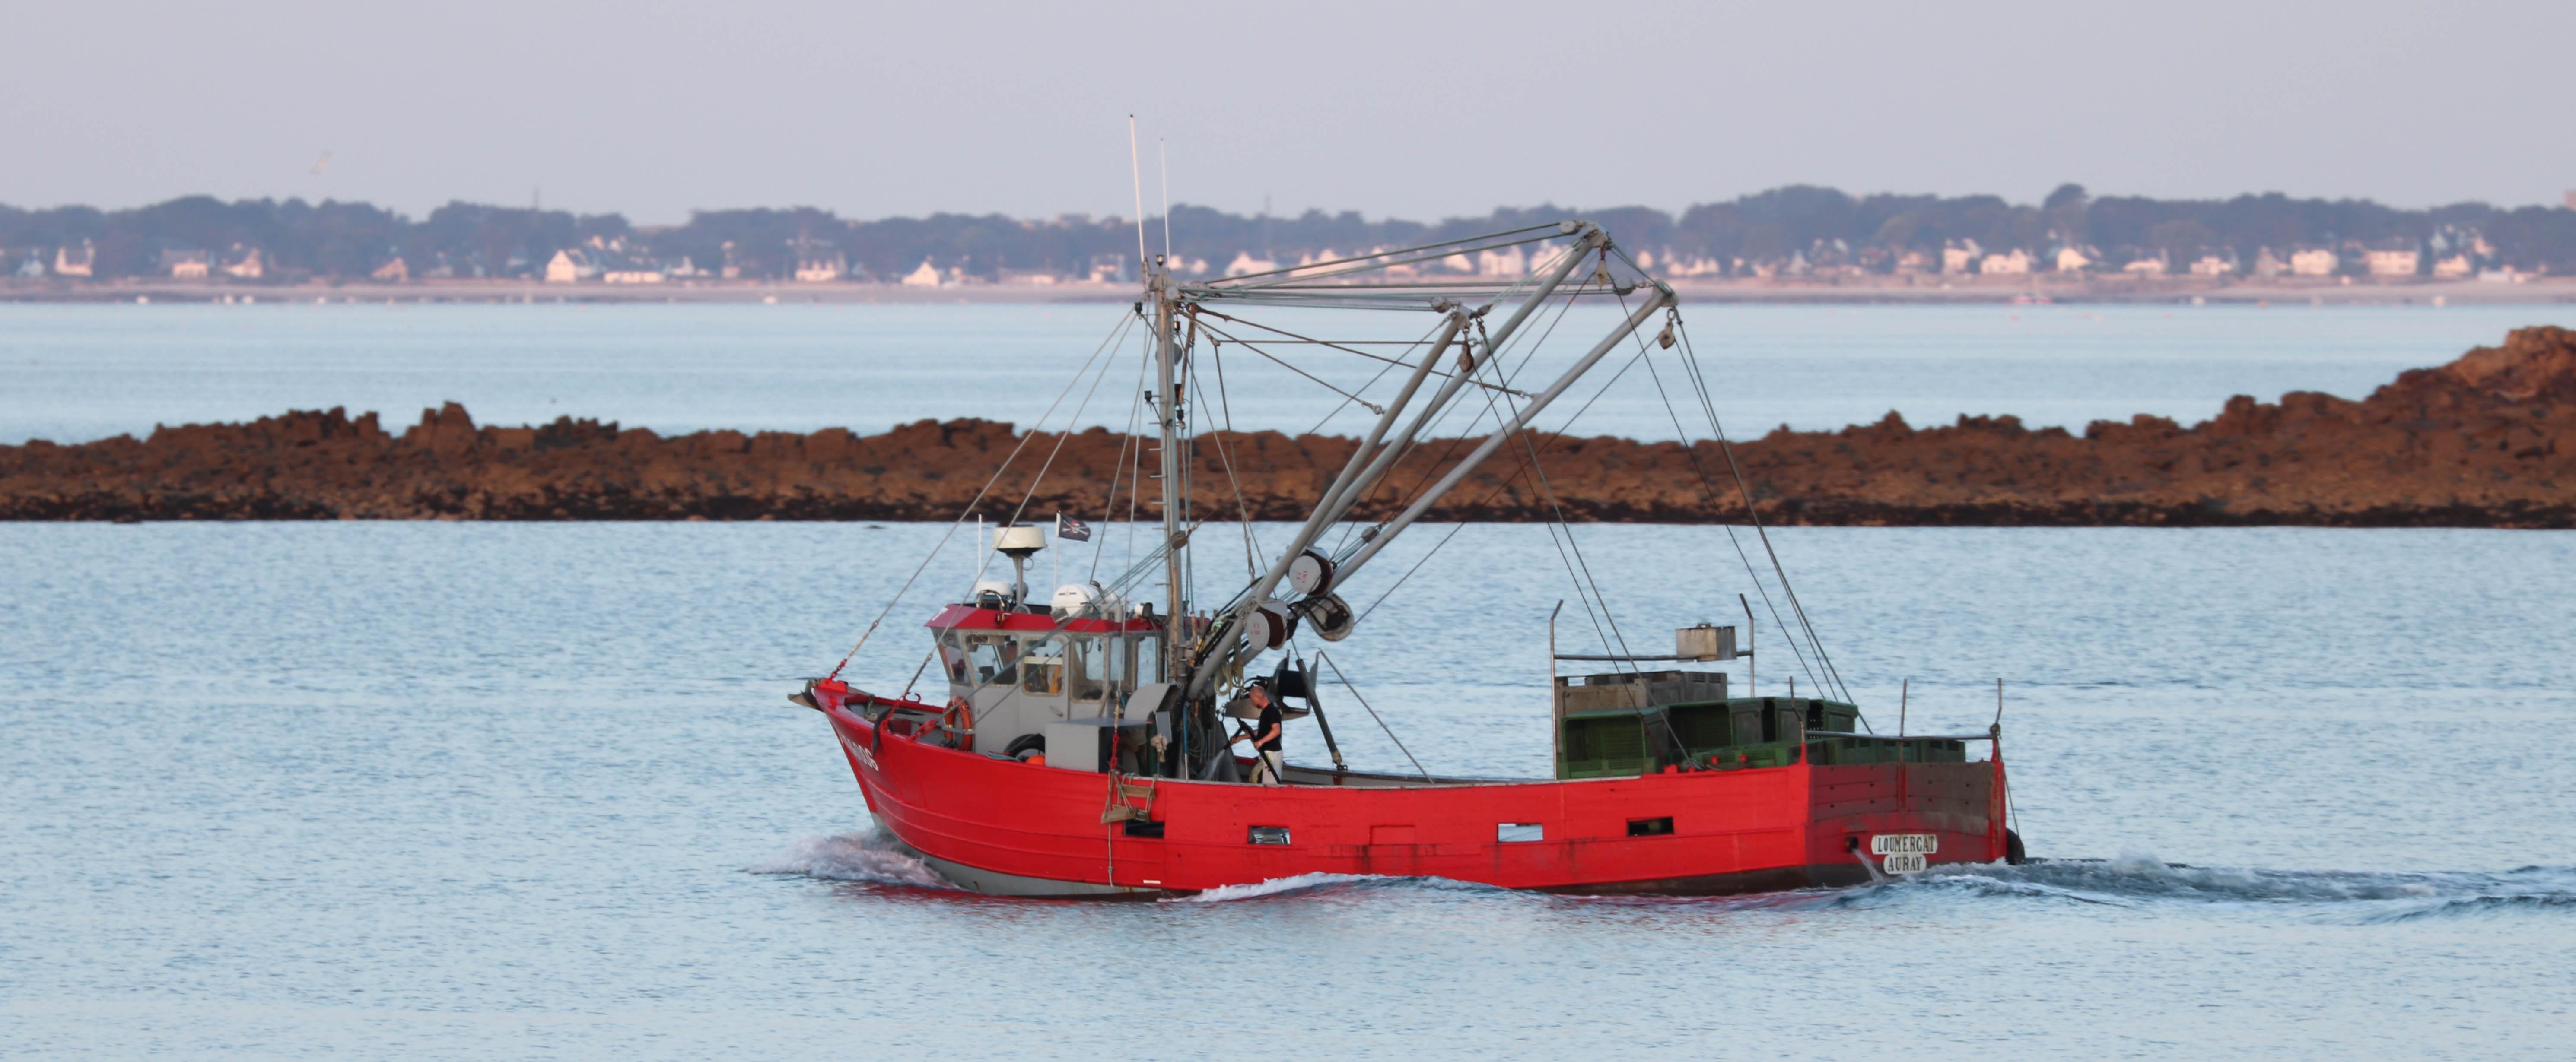 le bateau rouge, la trinité sur mer, 6 août 8,  6h14 (1 sur 1).jpg